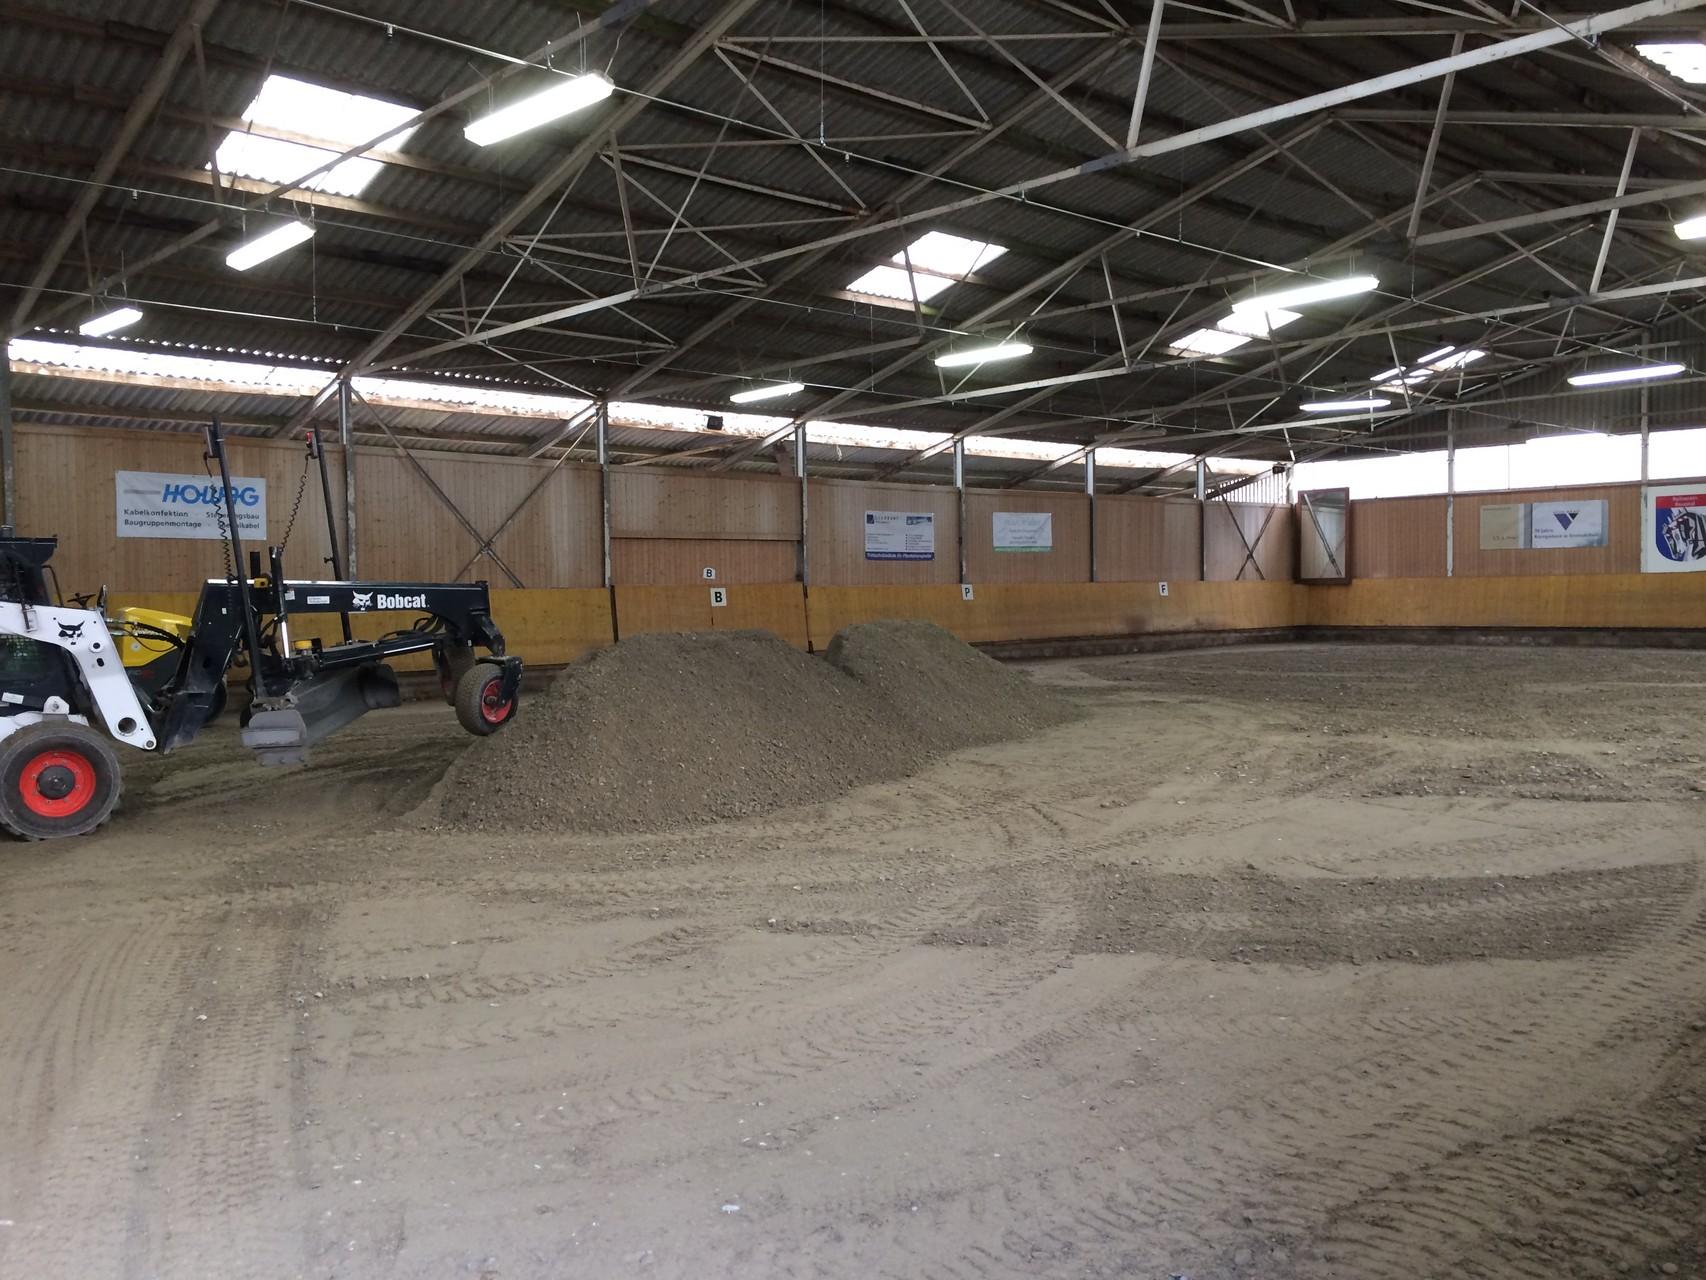 Der Kieseinbau ist fast schon abgeschlossen, der Boden verdichtet und planiert.